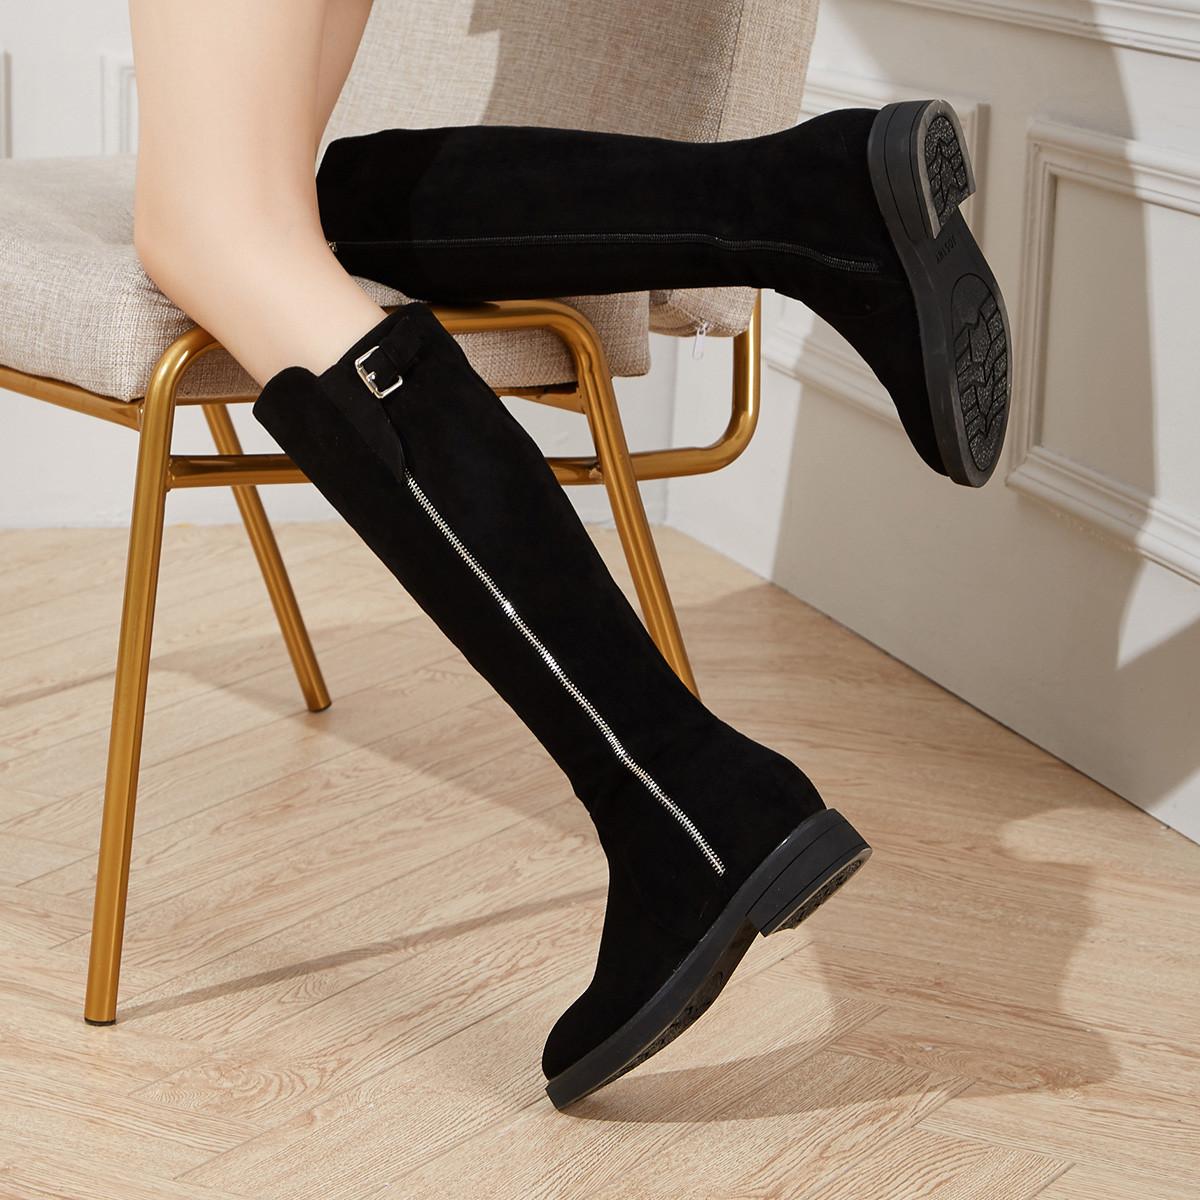 卓诗尼2019秋季新款女士靴子反绒皮保暖侧拉链内增高黑色休闲长筒靴11891385501